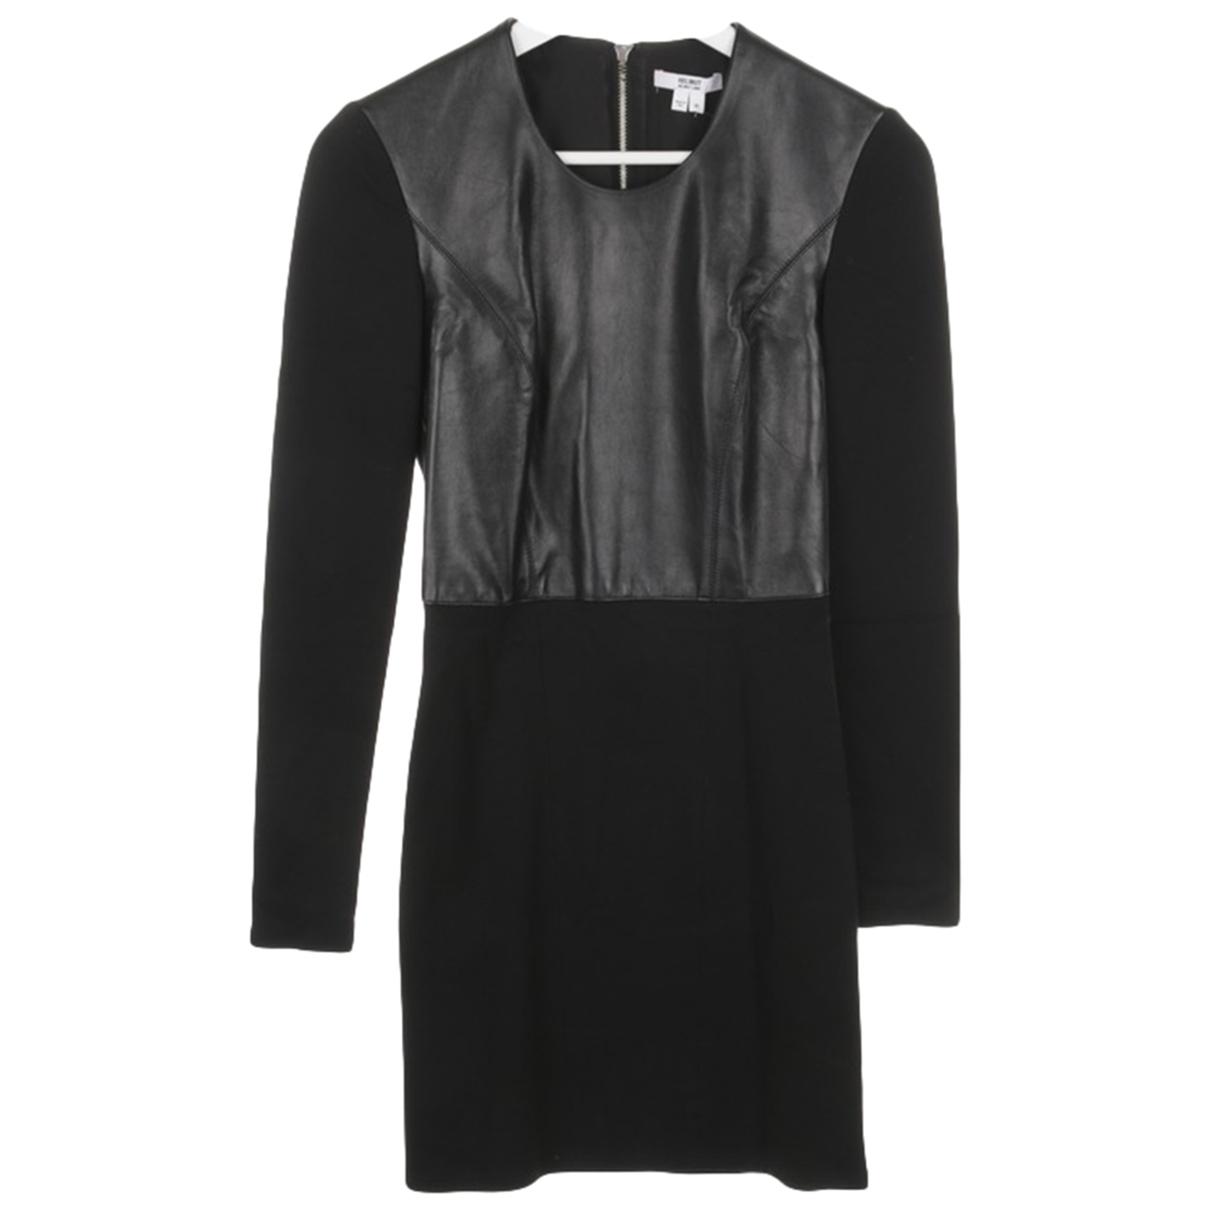 Helmut Lang \N Black dress for Women 36 FR